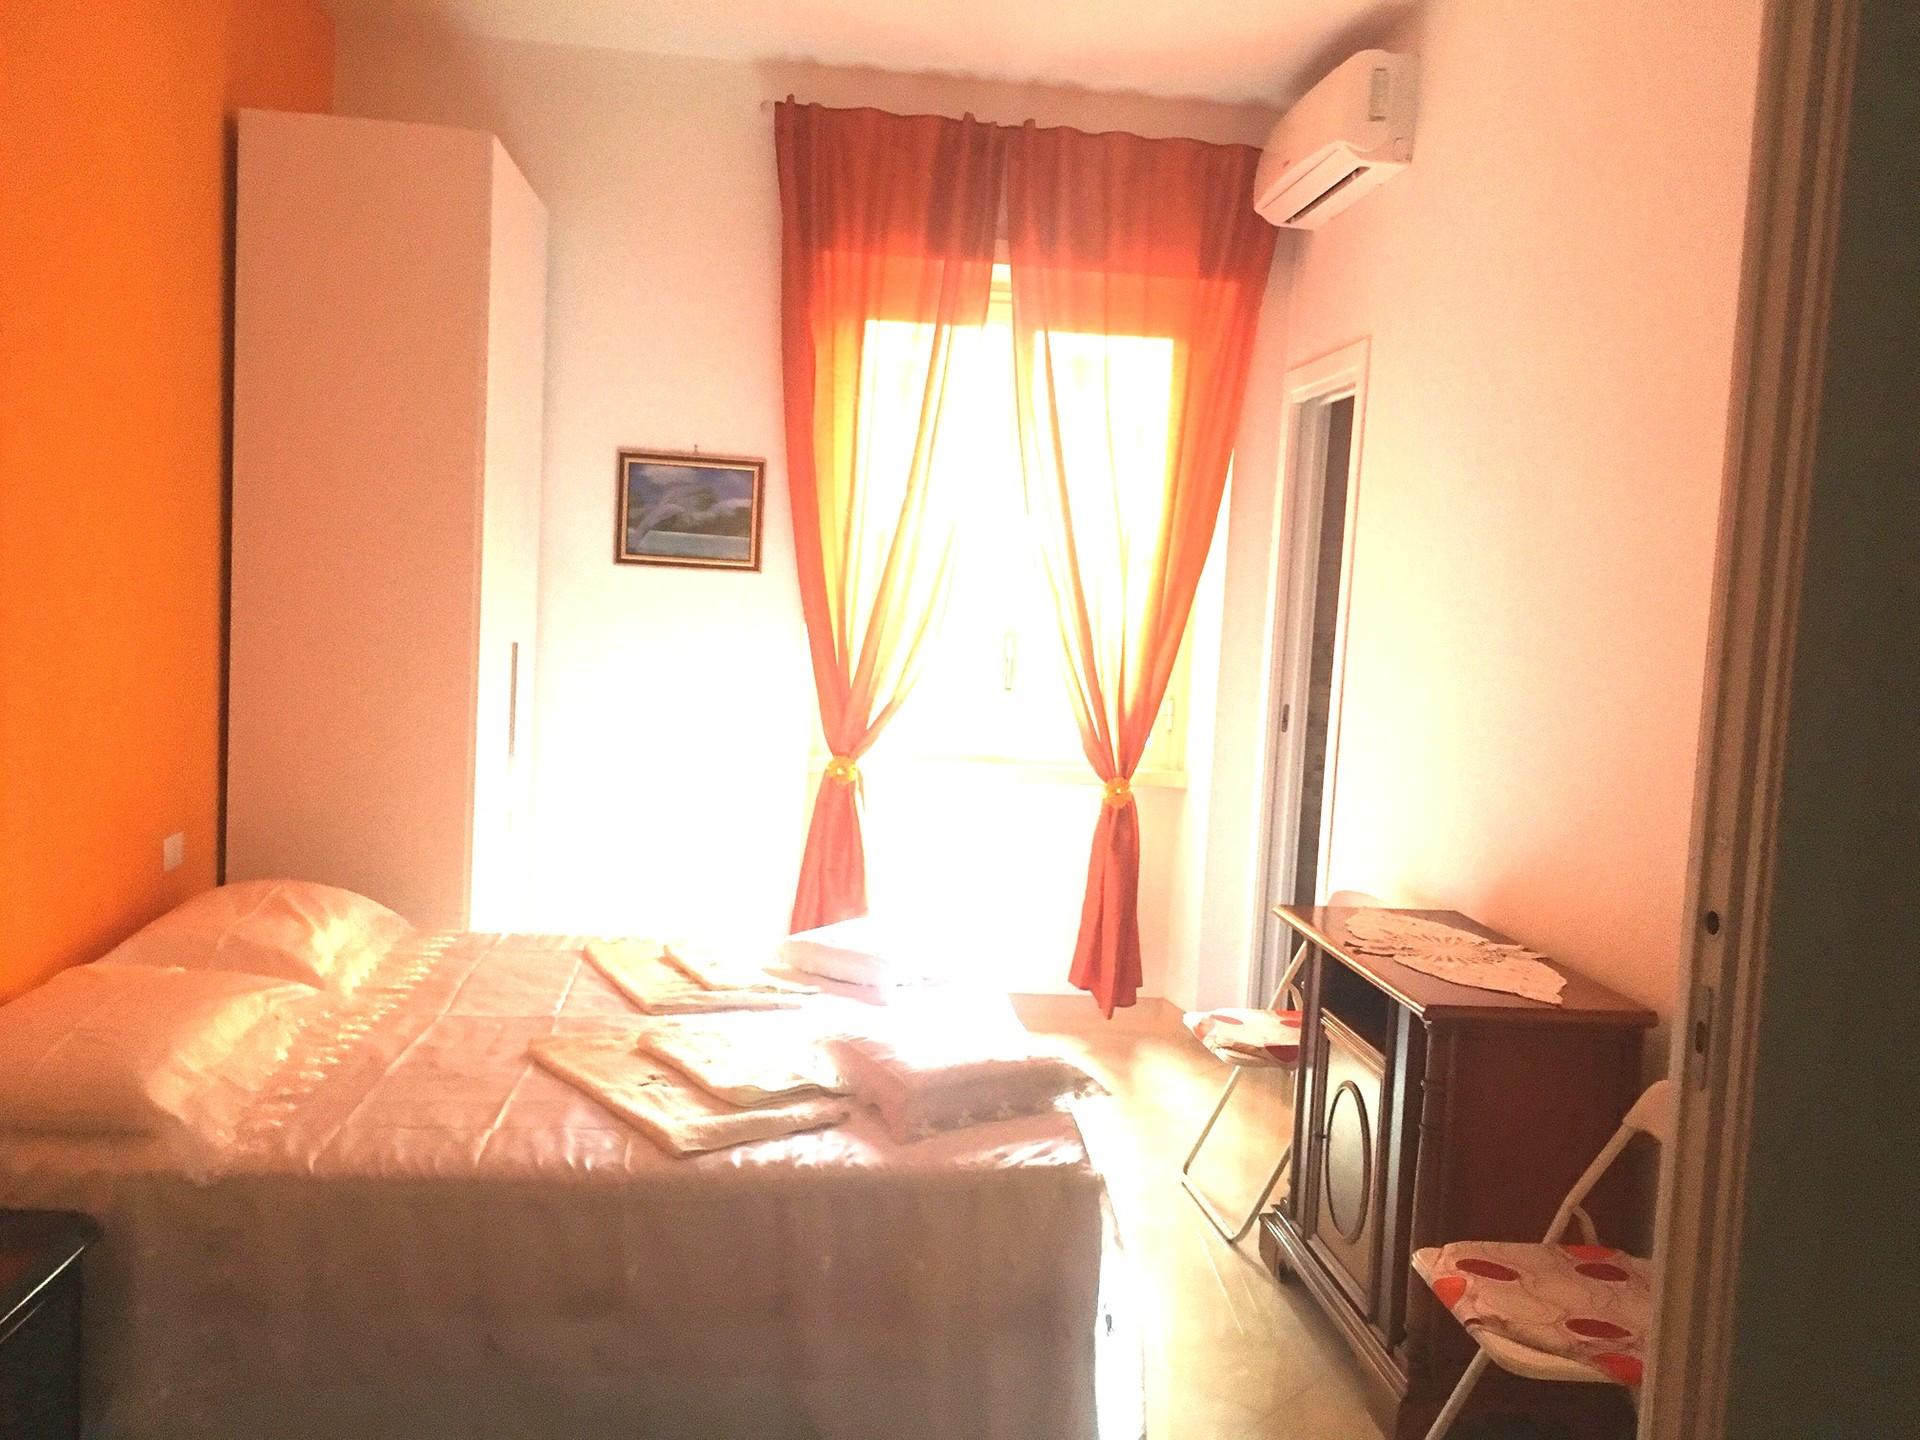 camera-in-appartamento-come-405213655241c639e755ea1ff4fd6651